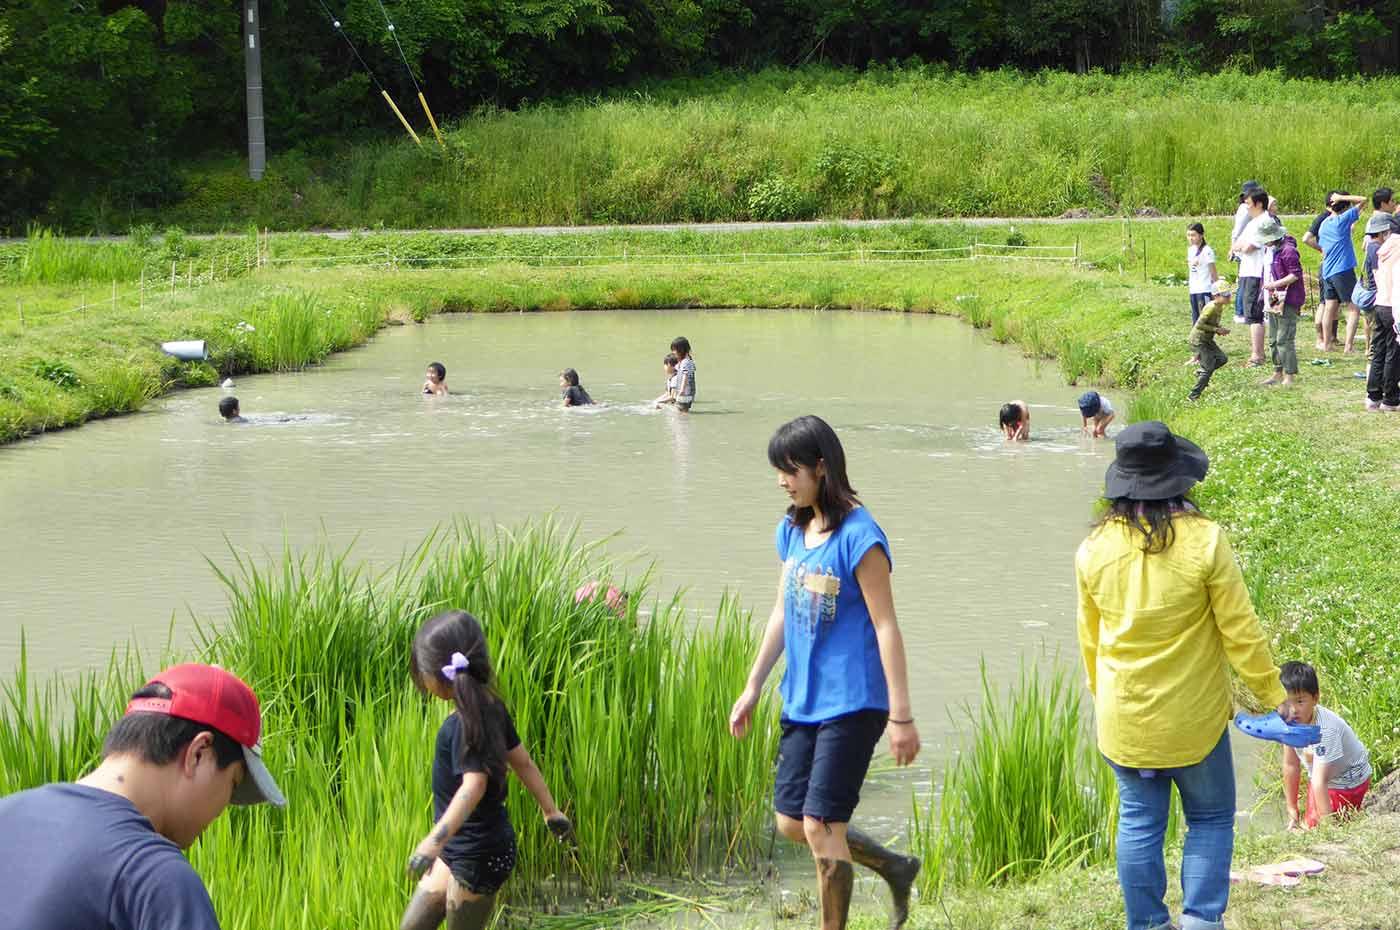 里山わんぱく塾 田んぼで水泳大会